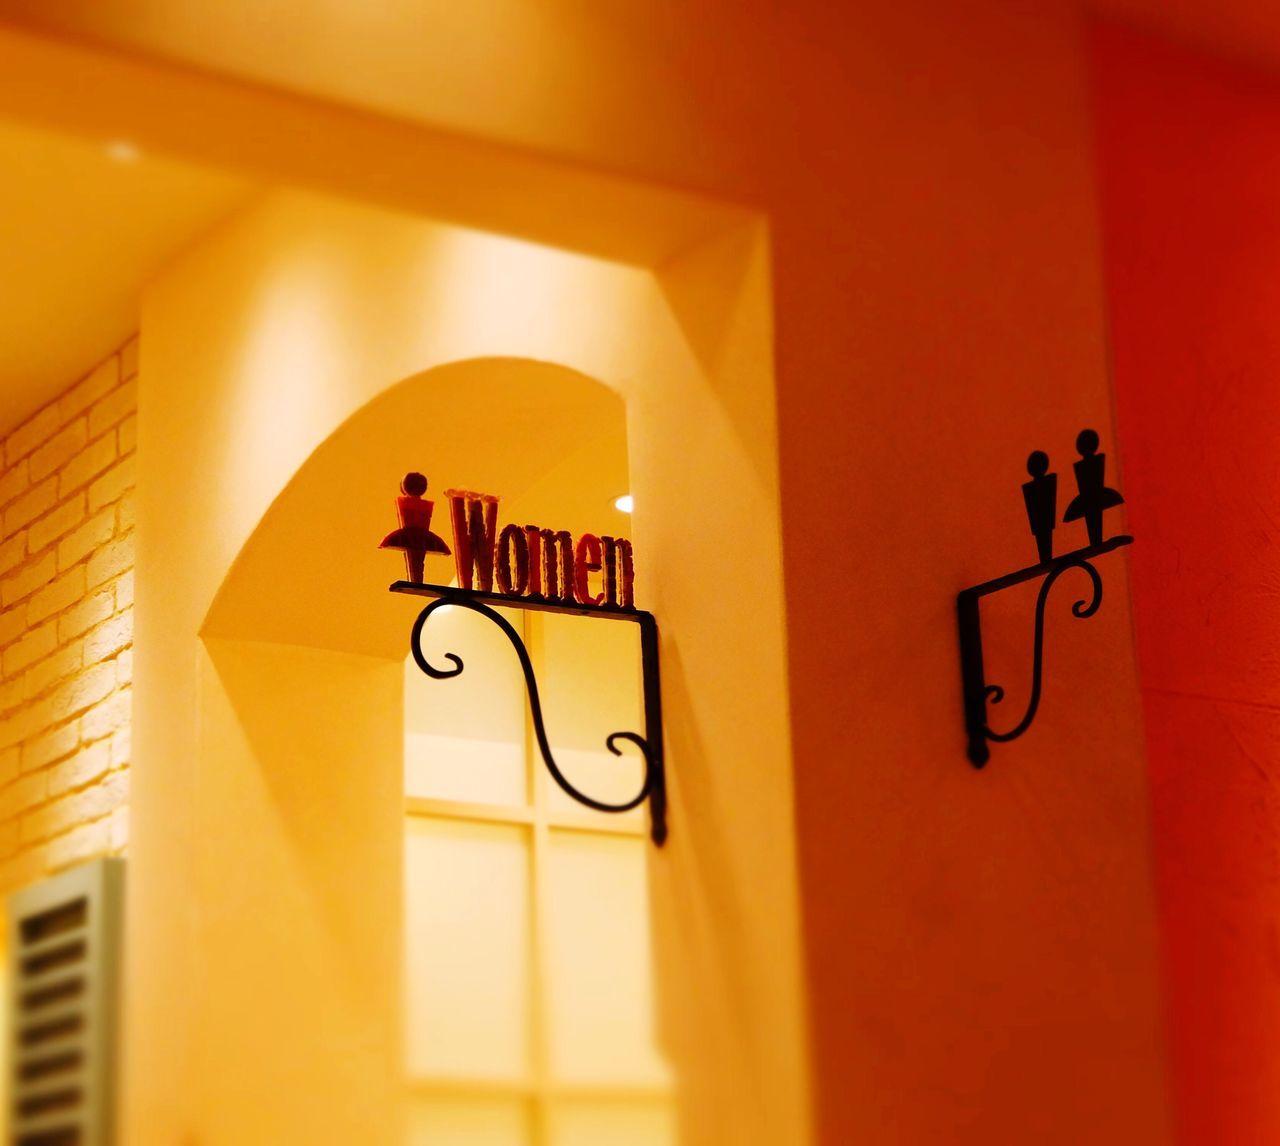 Gender GenderEquality Genderfluid Gender Sign Signboard SignSignEverywhereASign Signage